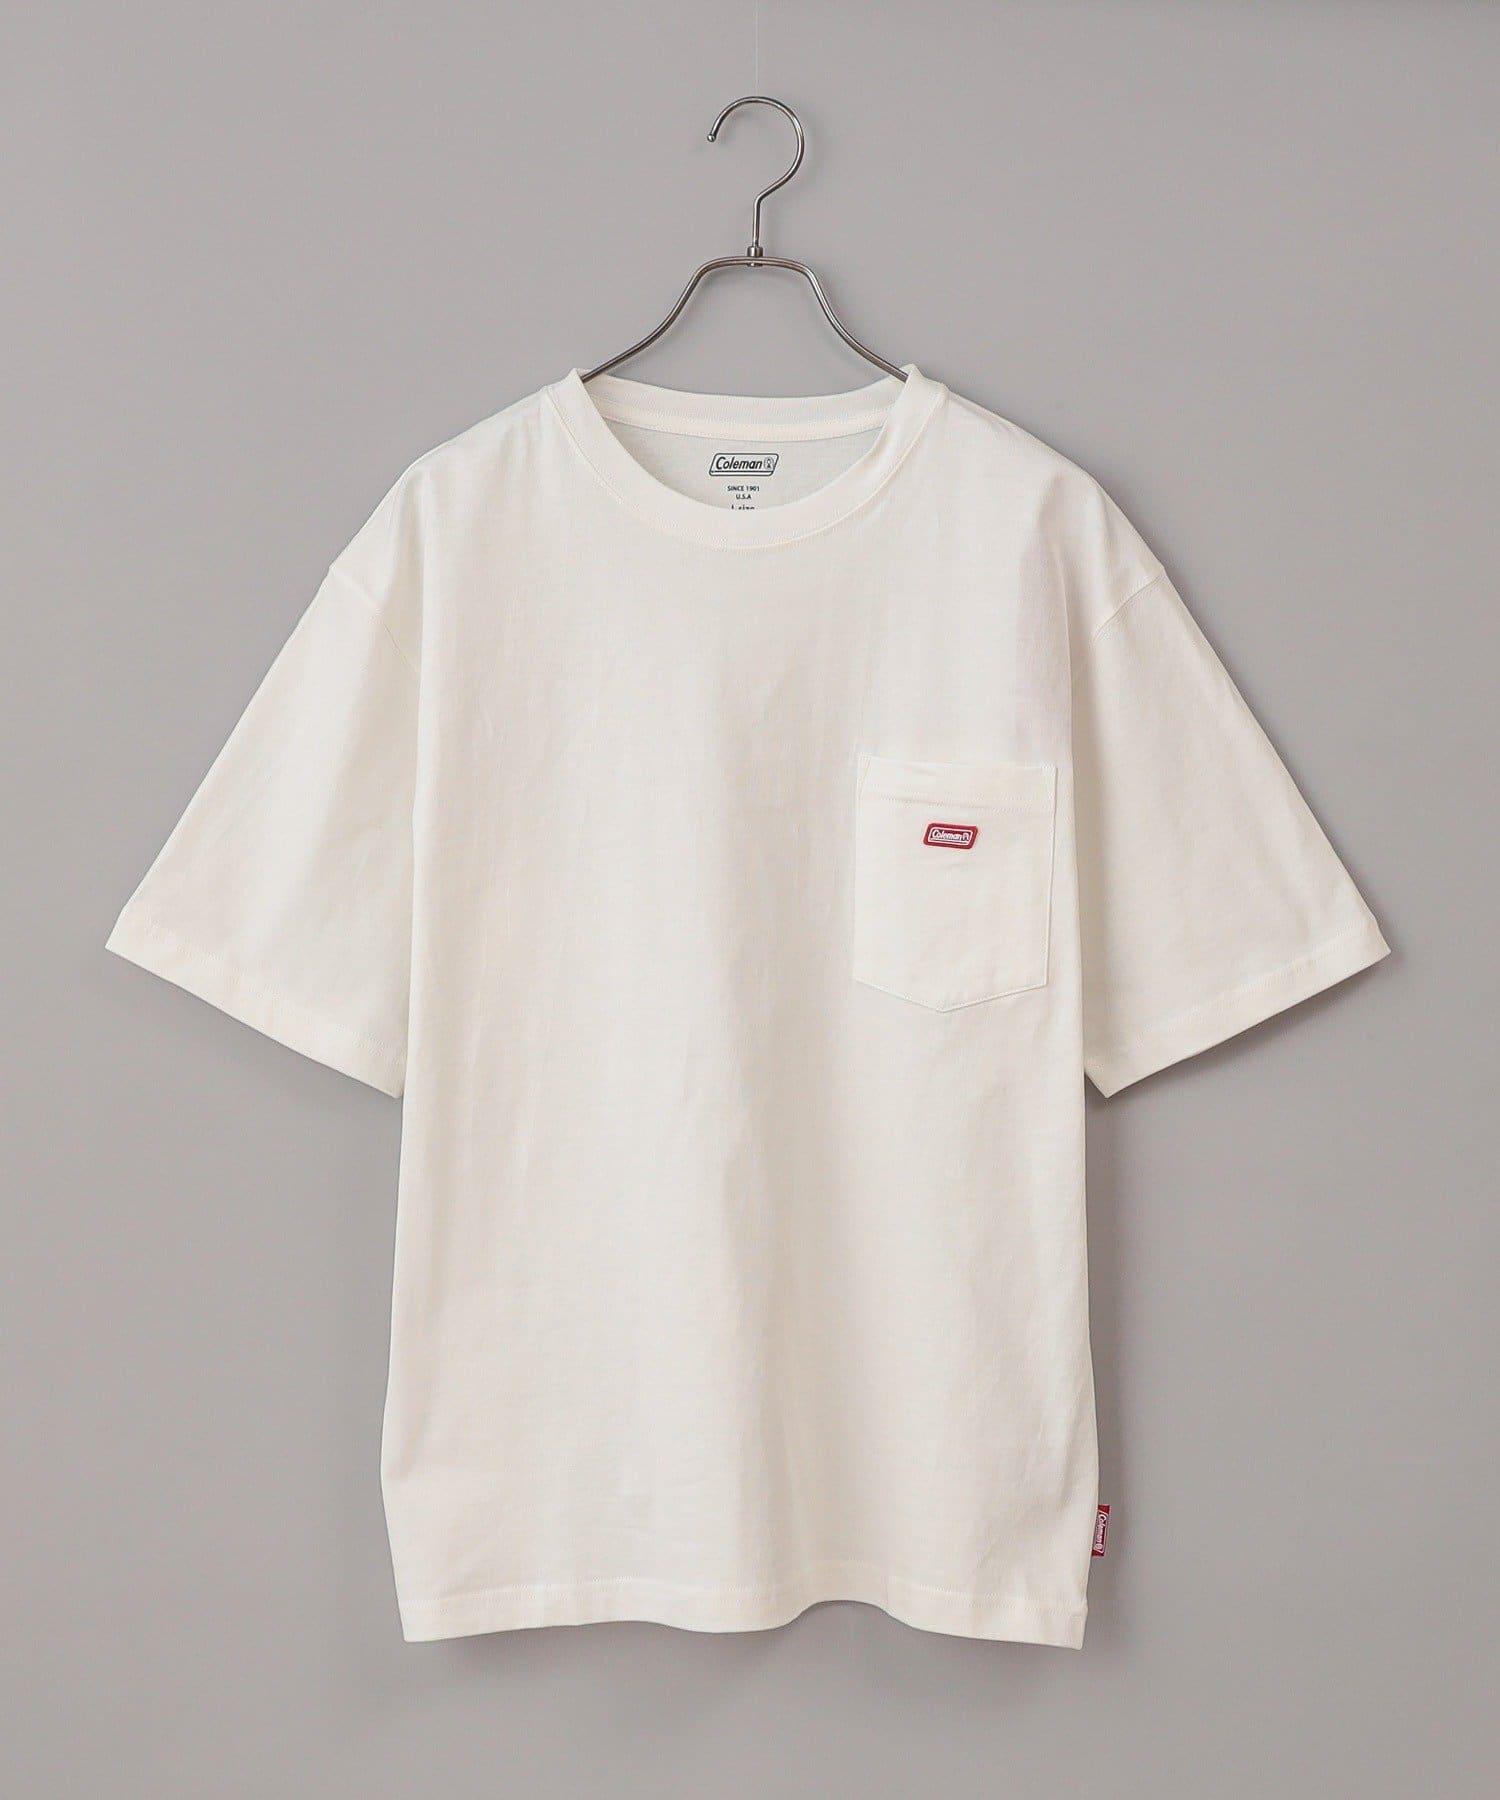 CIAOPANIC(チャオパニック) メンズ 【Coleman/コールマン】ワンポイントロゴクルーネック半袖Tシャツ ホワイト